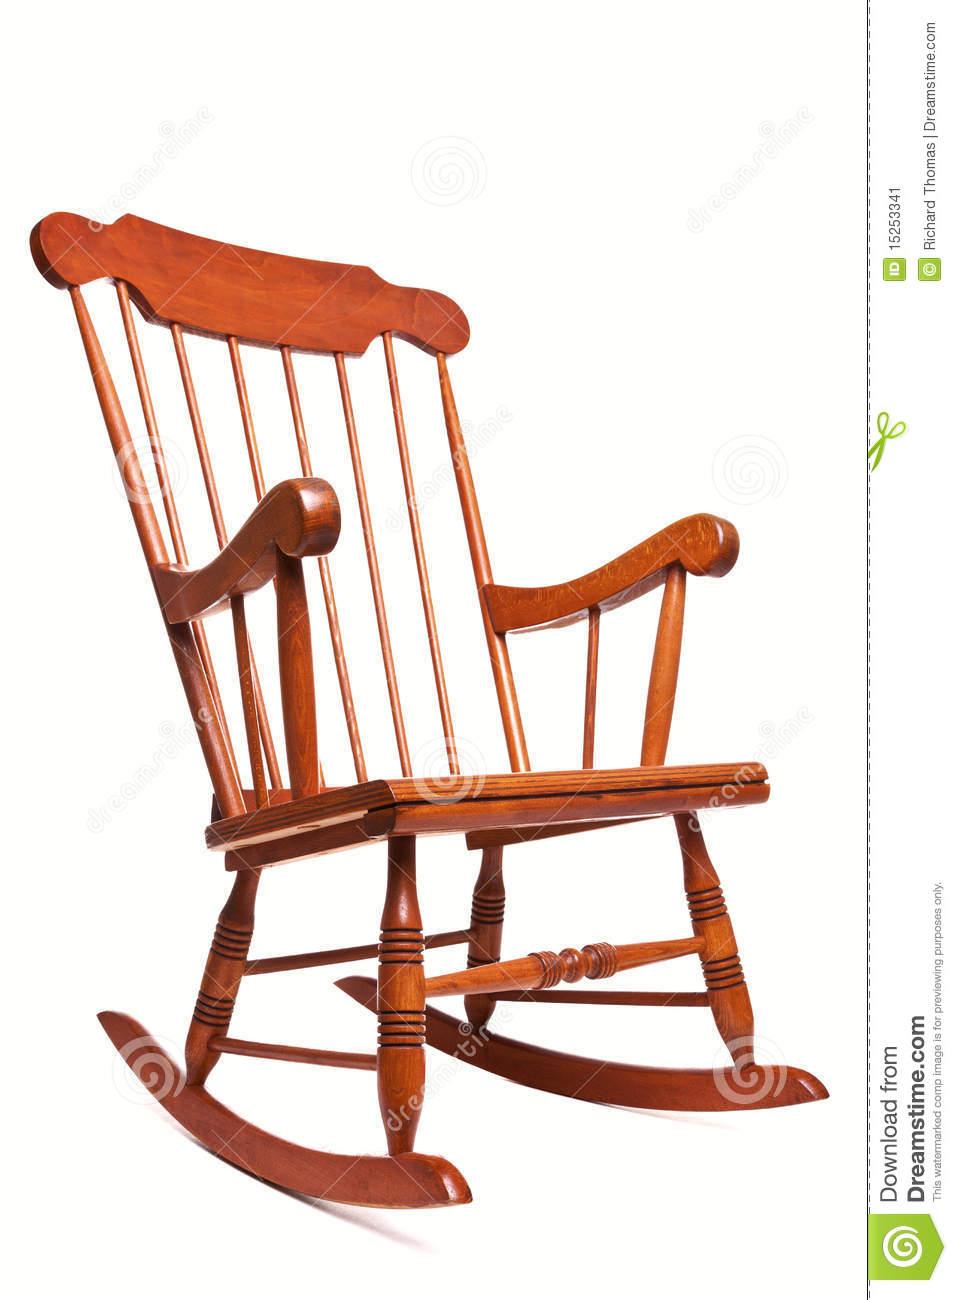 ... ClipartFest rocking chair Clipart. 2-... ClipartFest rocking chair Clipart. 2017-15